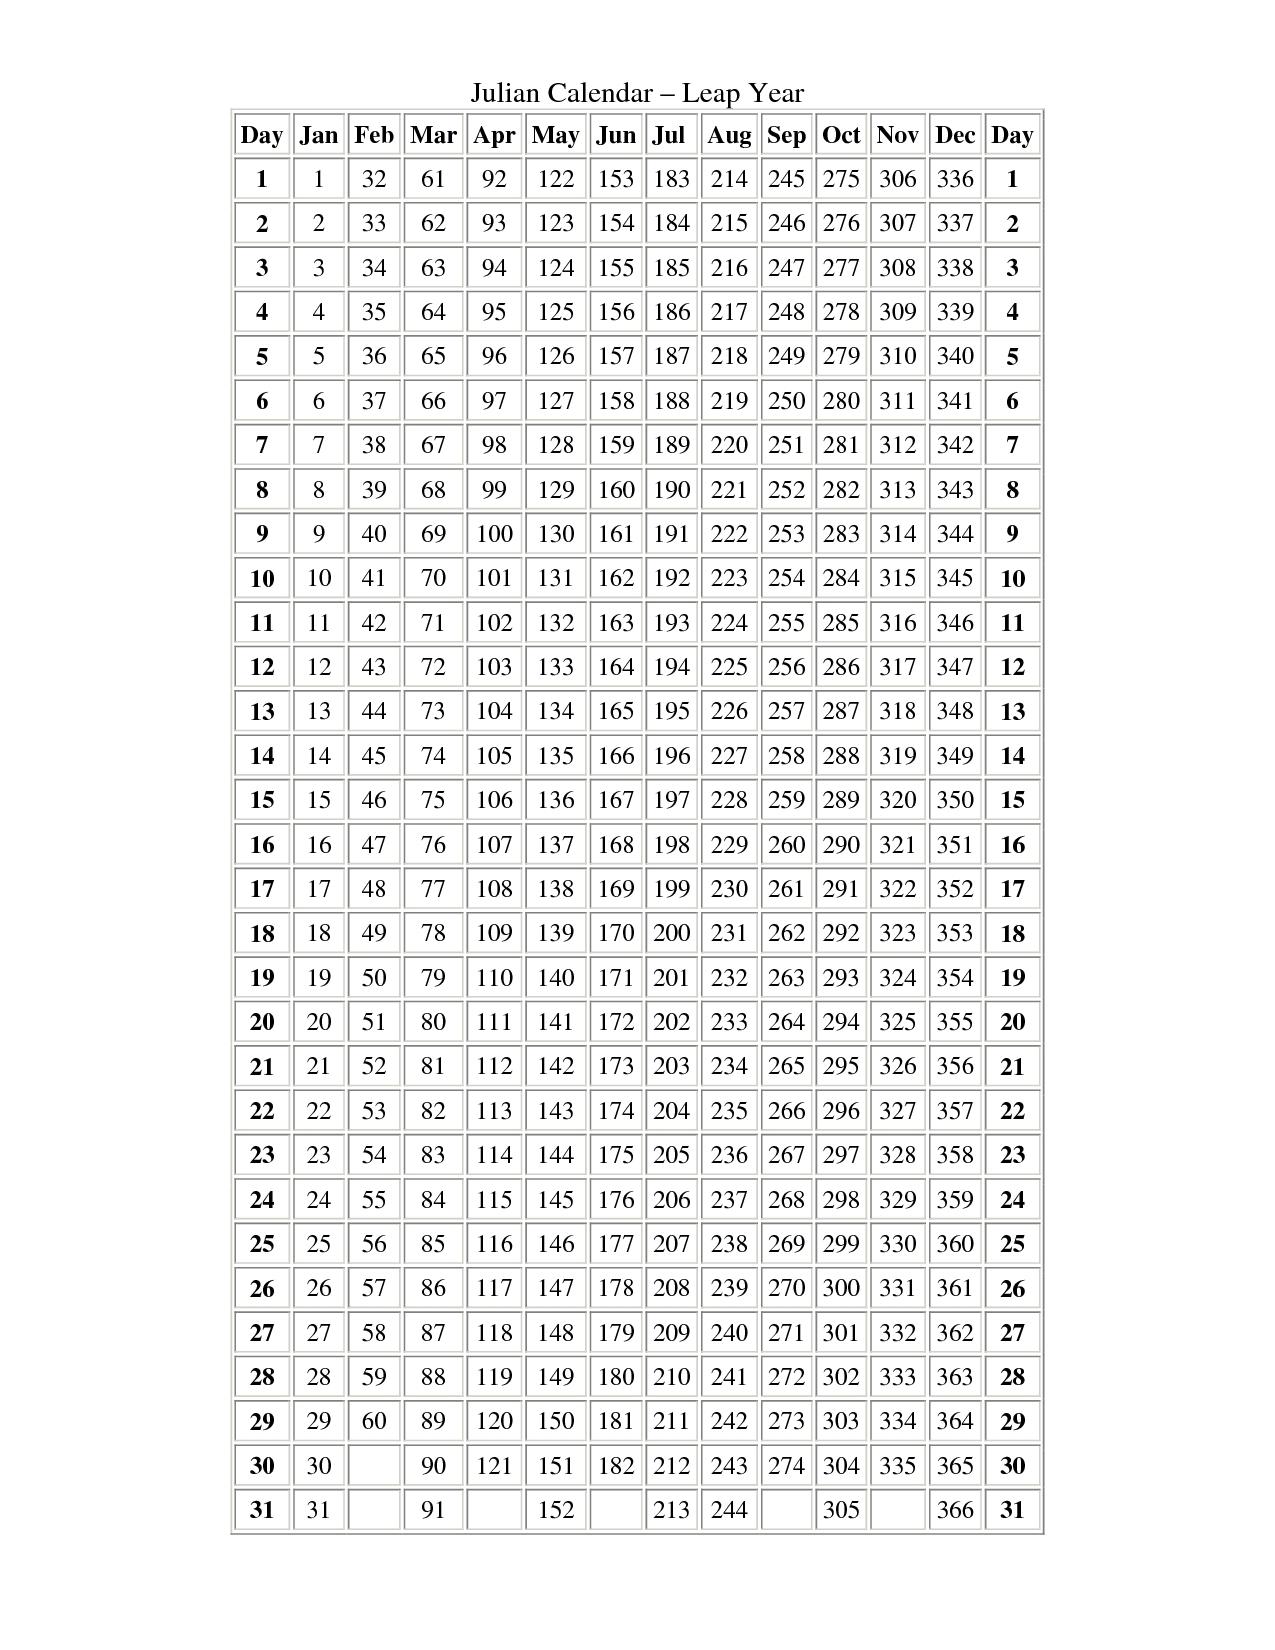 Julian Calendar No Leap Year  Calendar Inspiration Design in Julian Date Calendar Leap Year Pdf